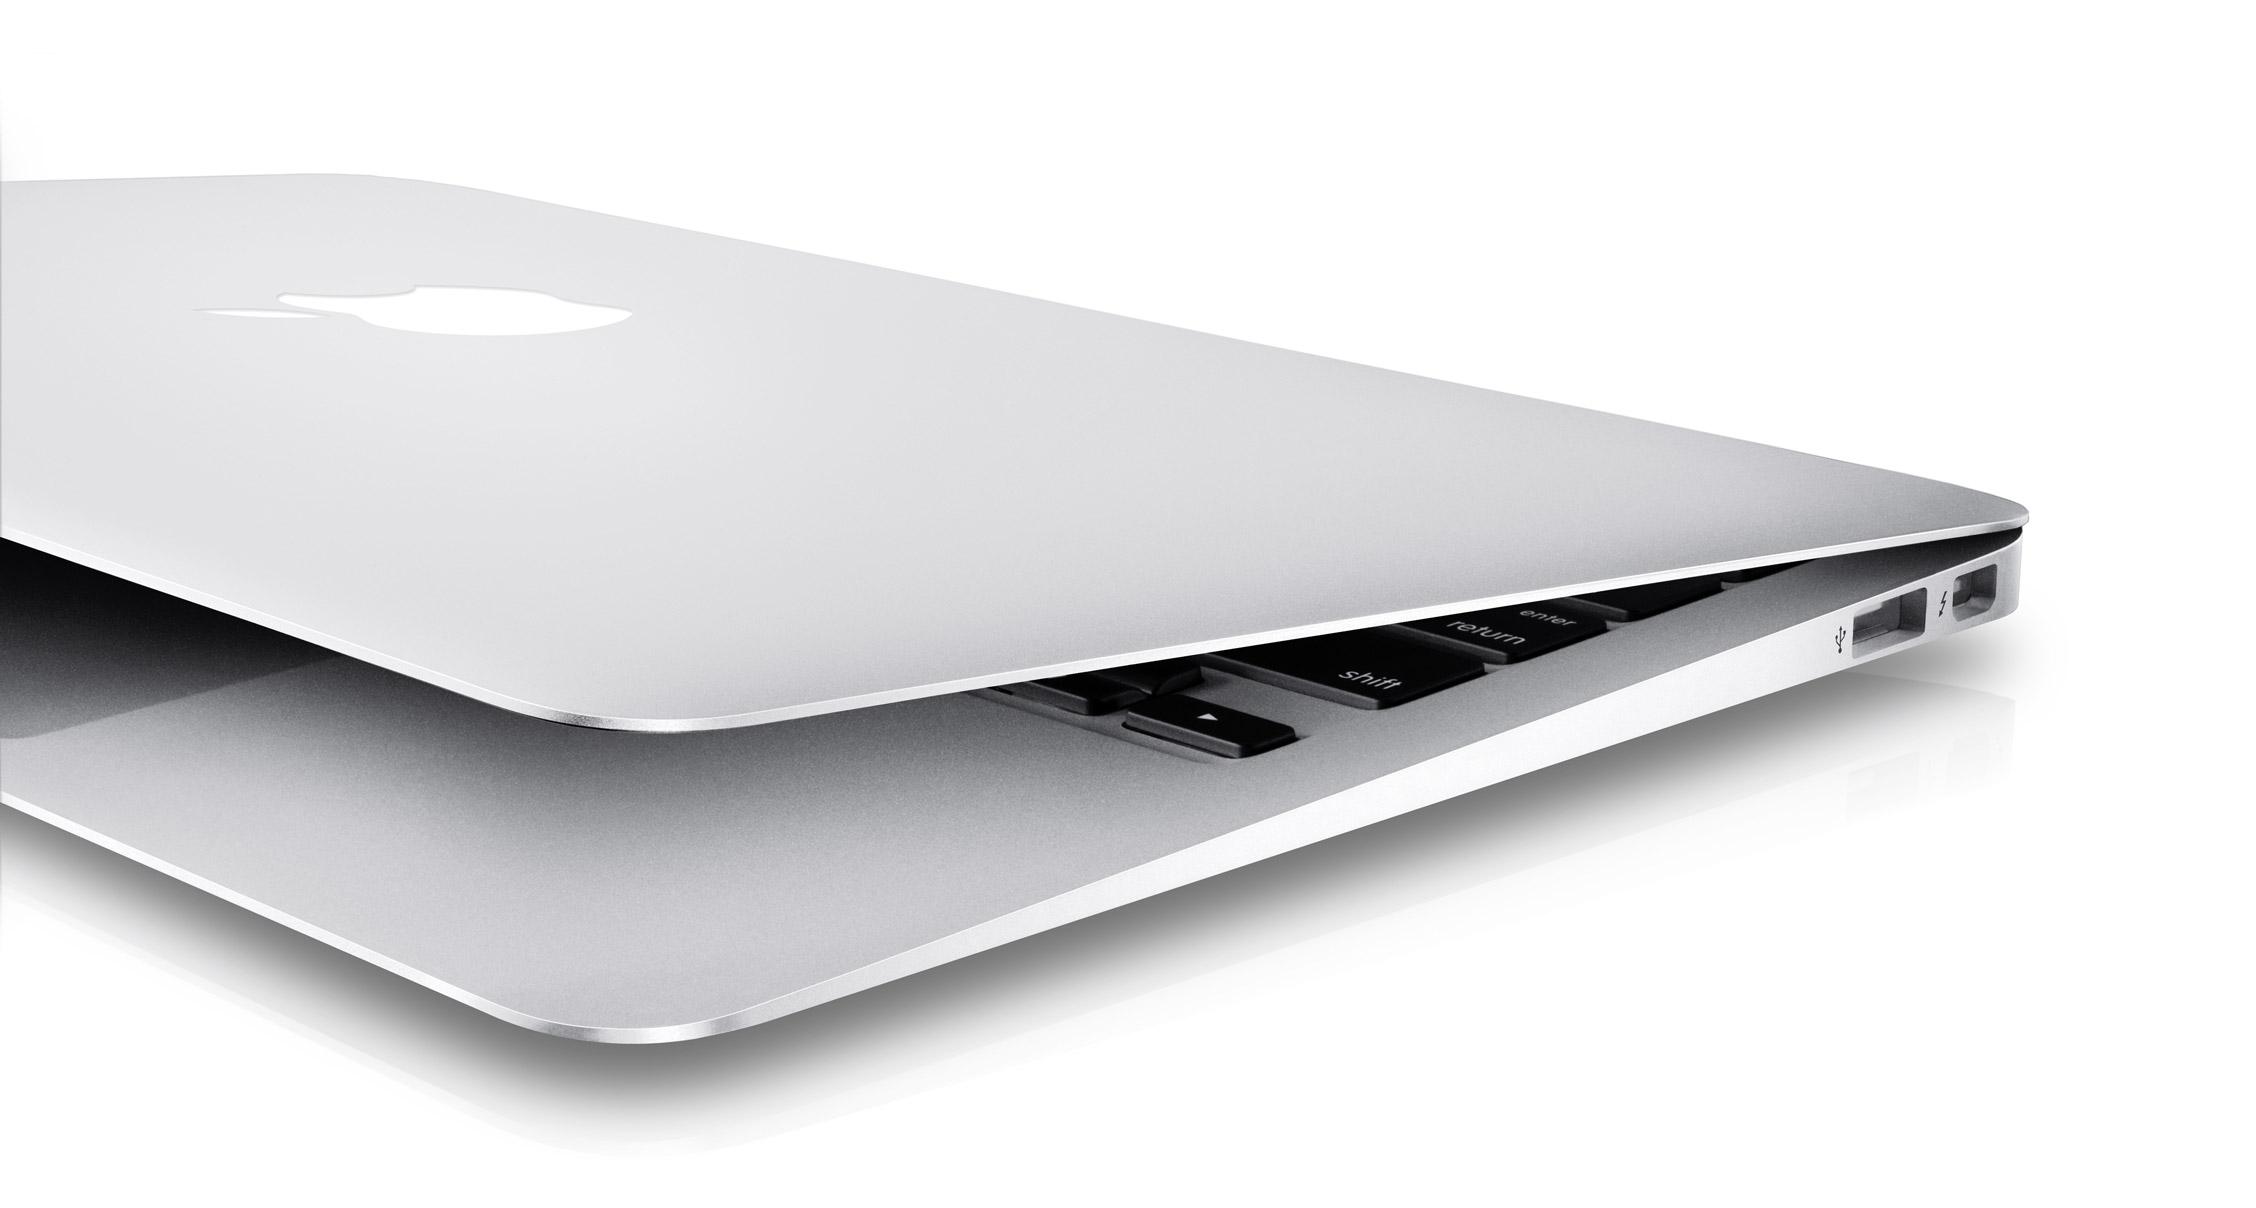 Het MacBook Air design is in de jaren niet veel veranderd.